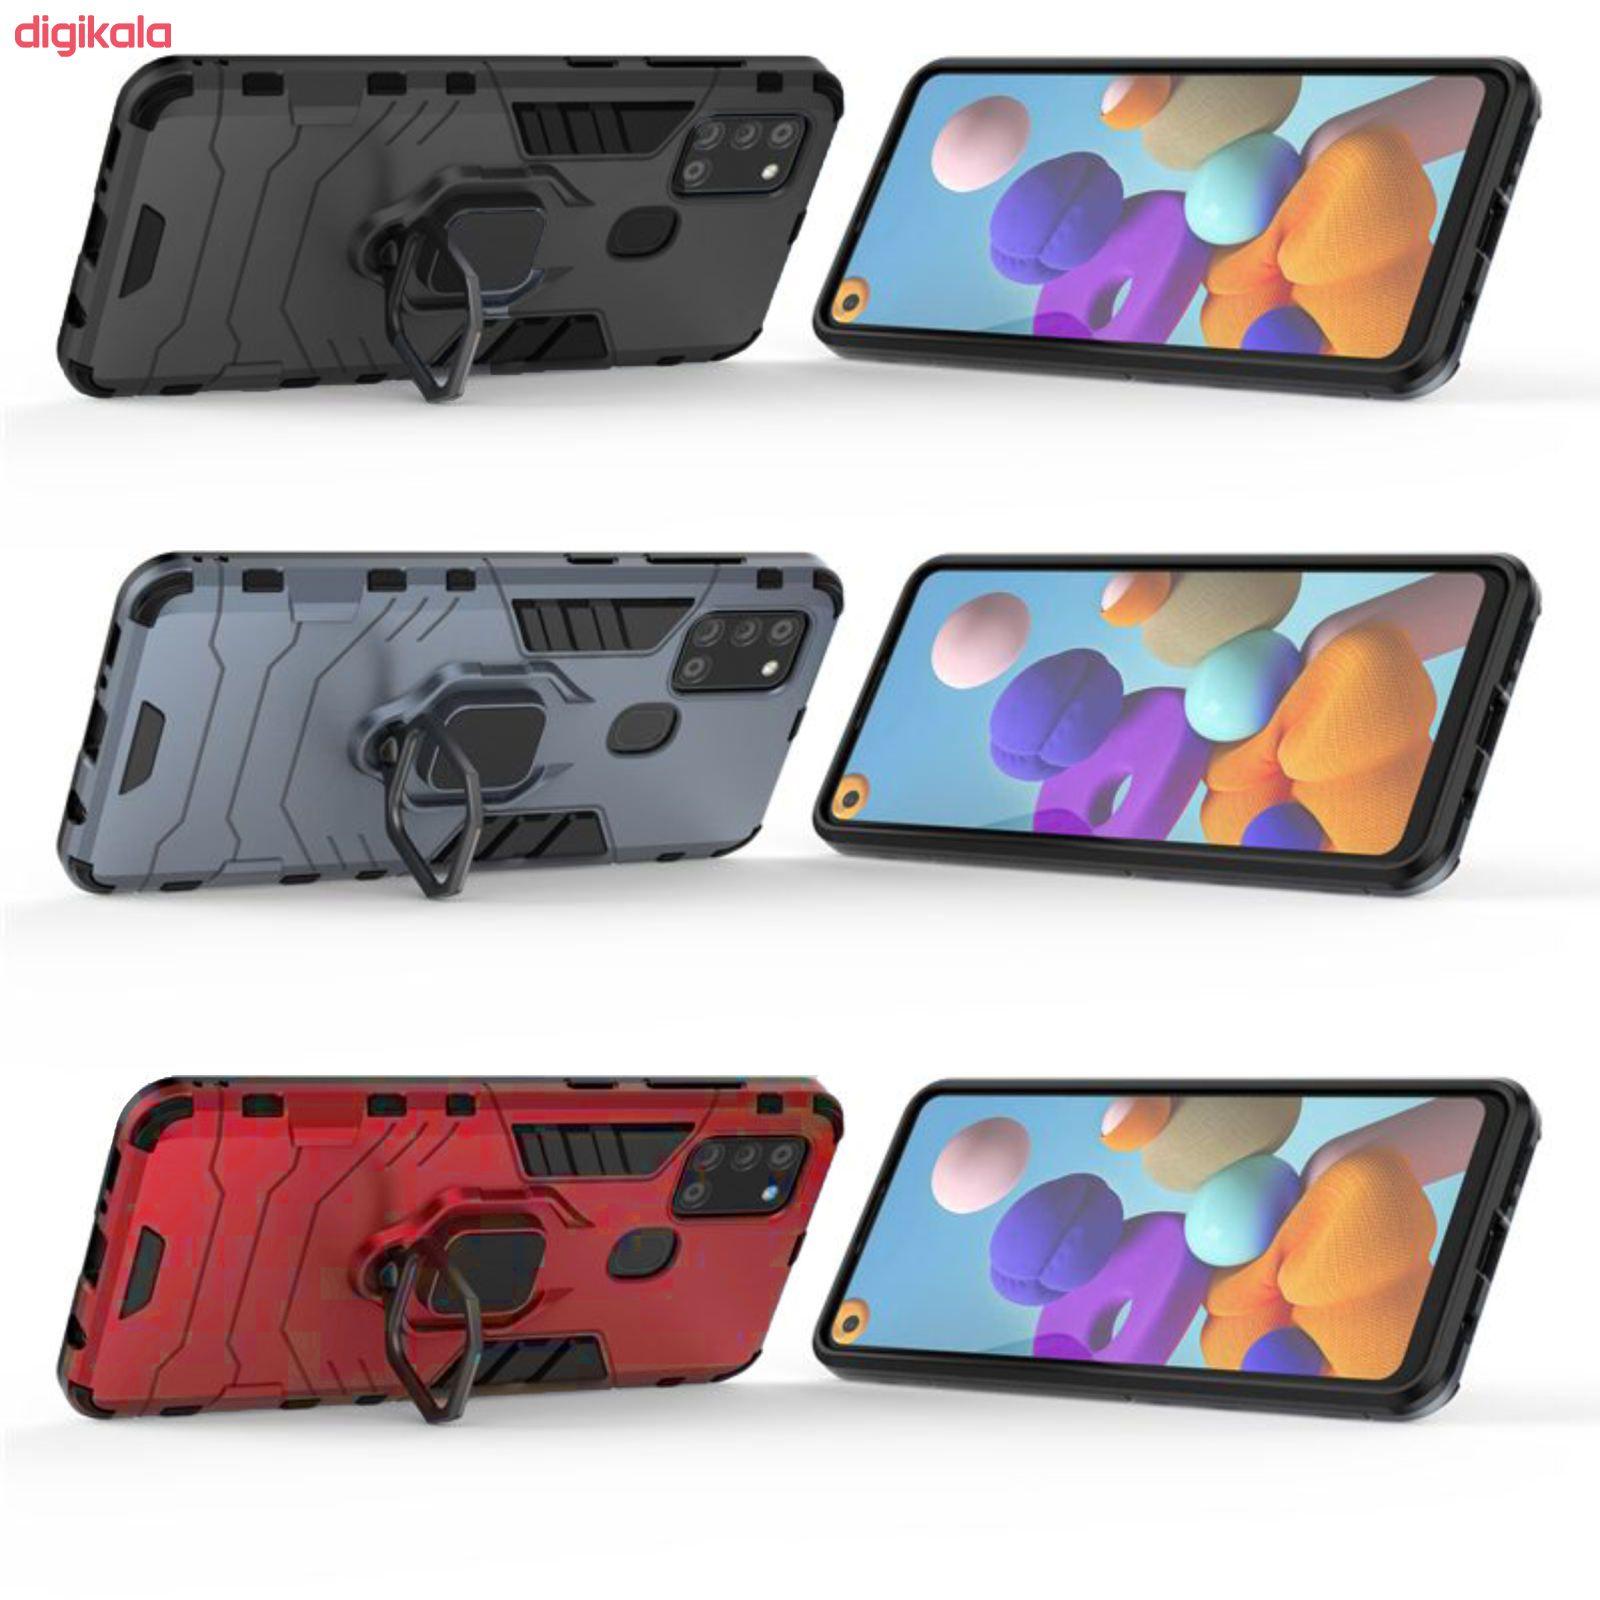 کاور مدل DEF02 مناسب برای گوشی موبایل سامسونگ Galaxy A21s main 1 7